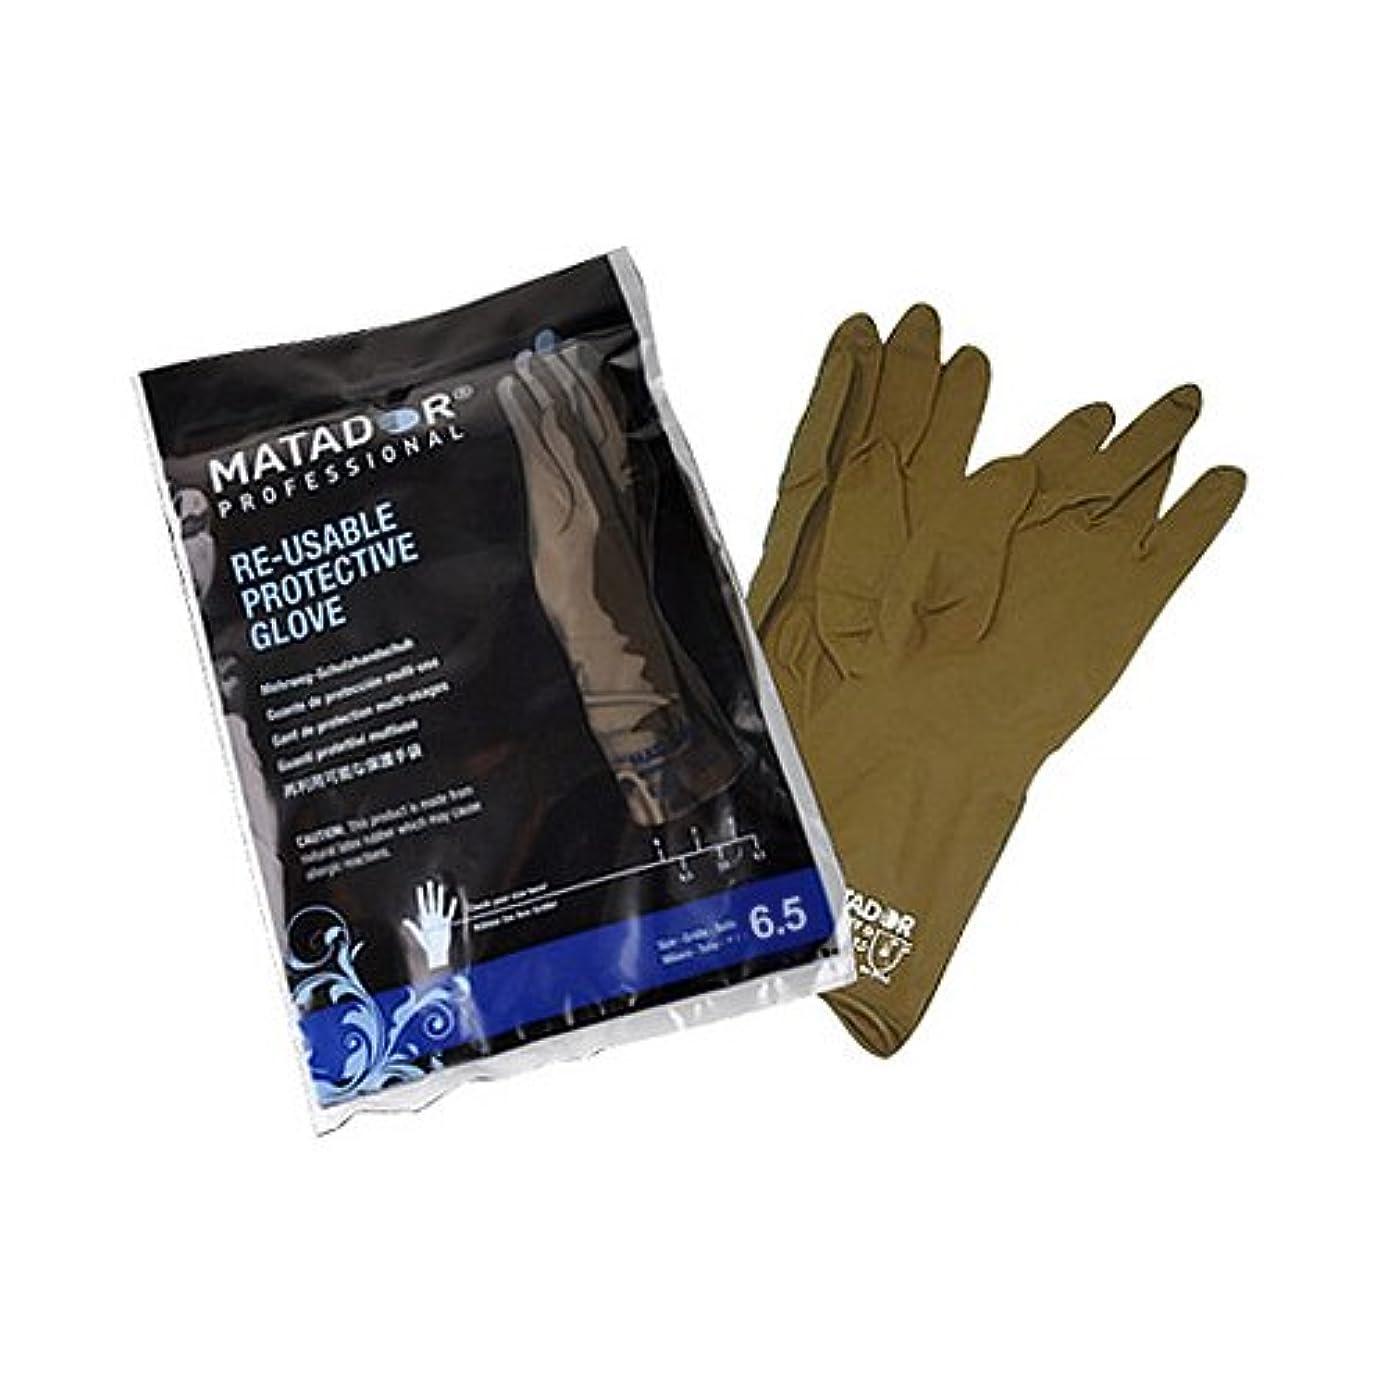 警官徹底アルカイックマタドールゴム手袋 6.5吋 【5個セット】